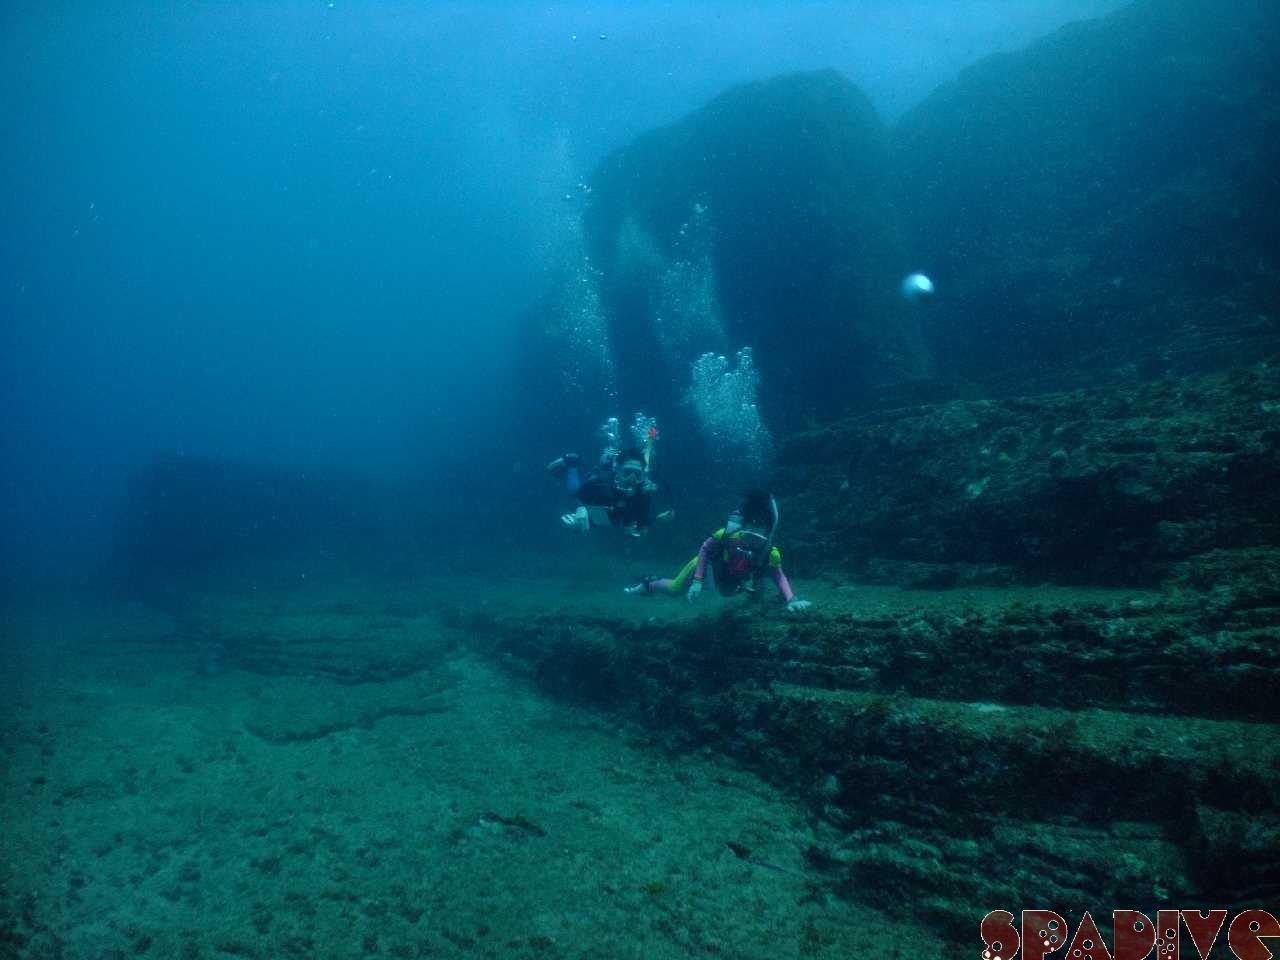 2010年8月撮影海フォトギャラリー|南紀白浜スパダイブ